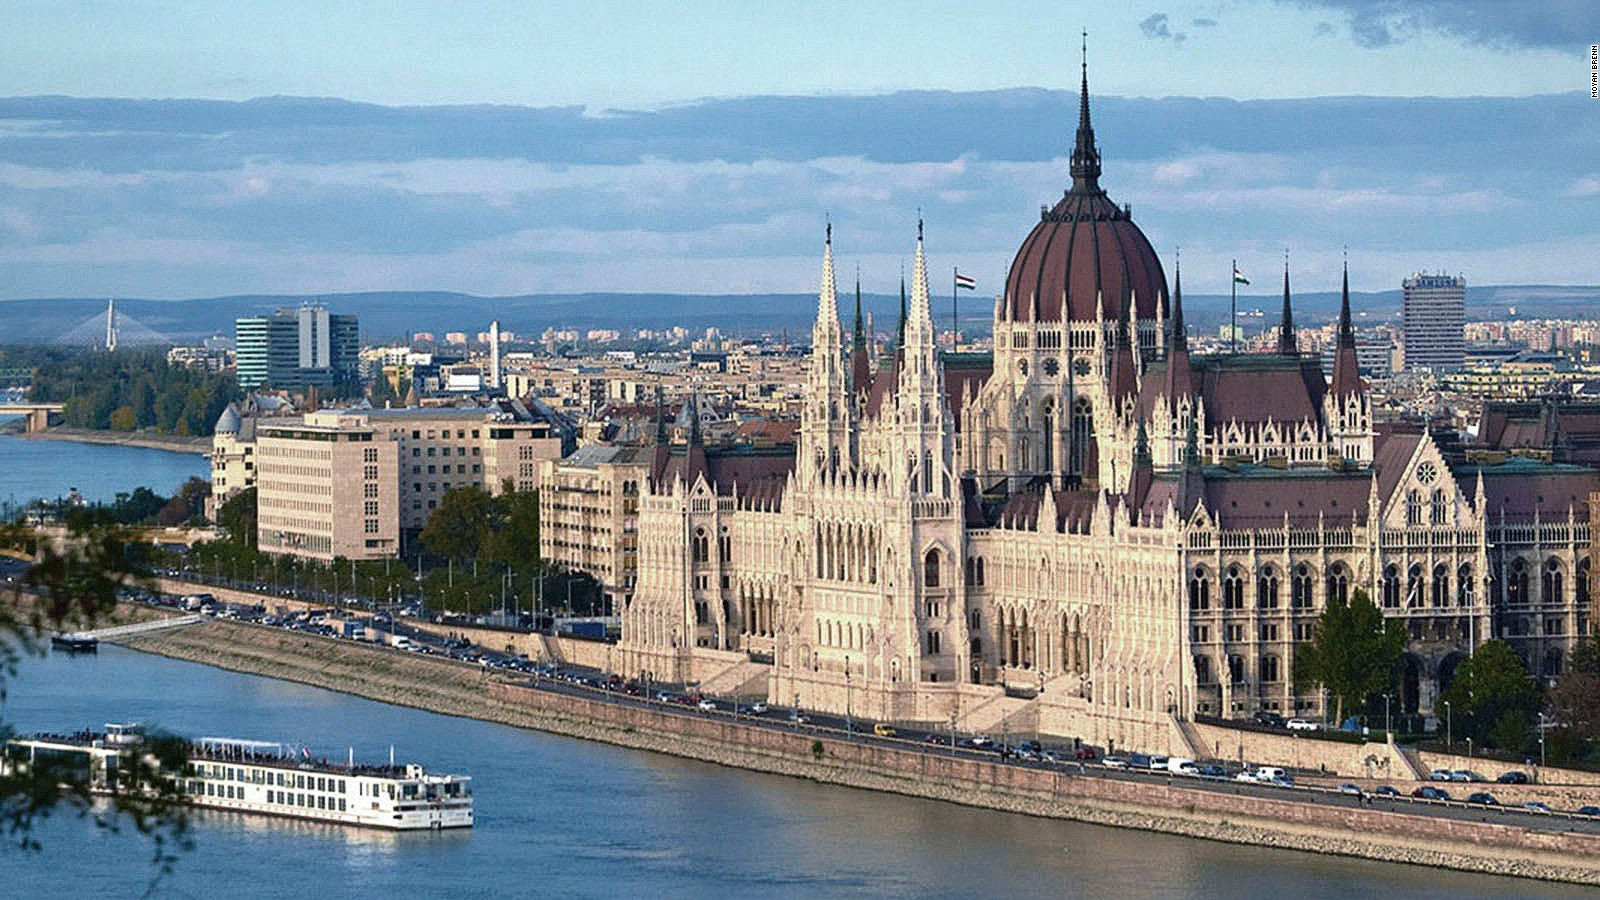 151008094710-insider-guide-budapest-main-full-169